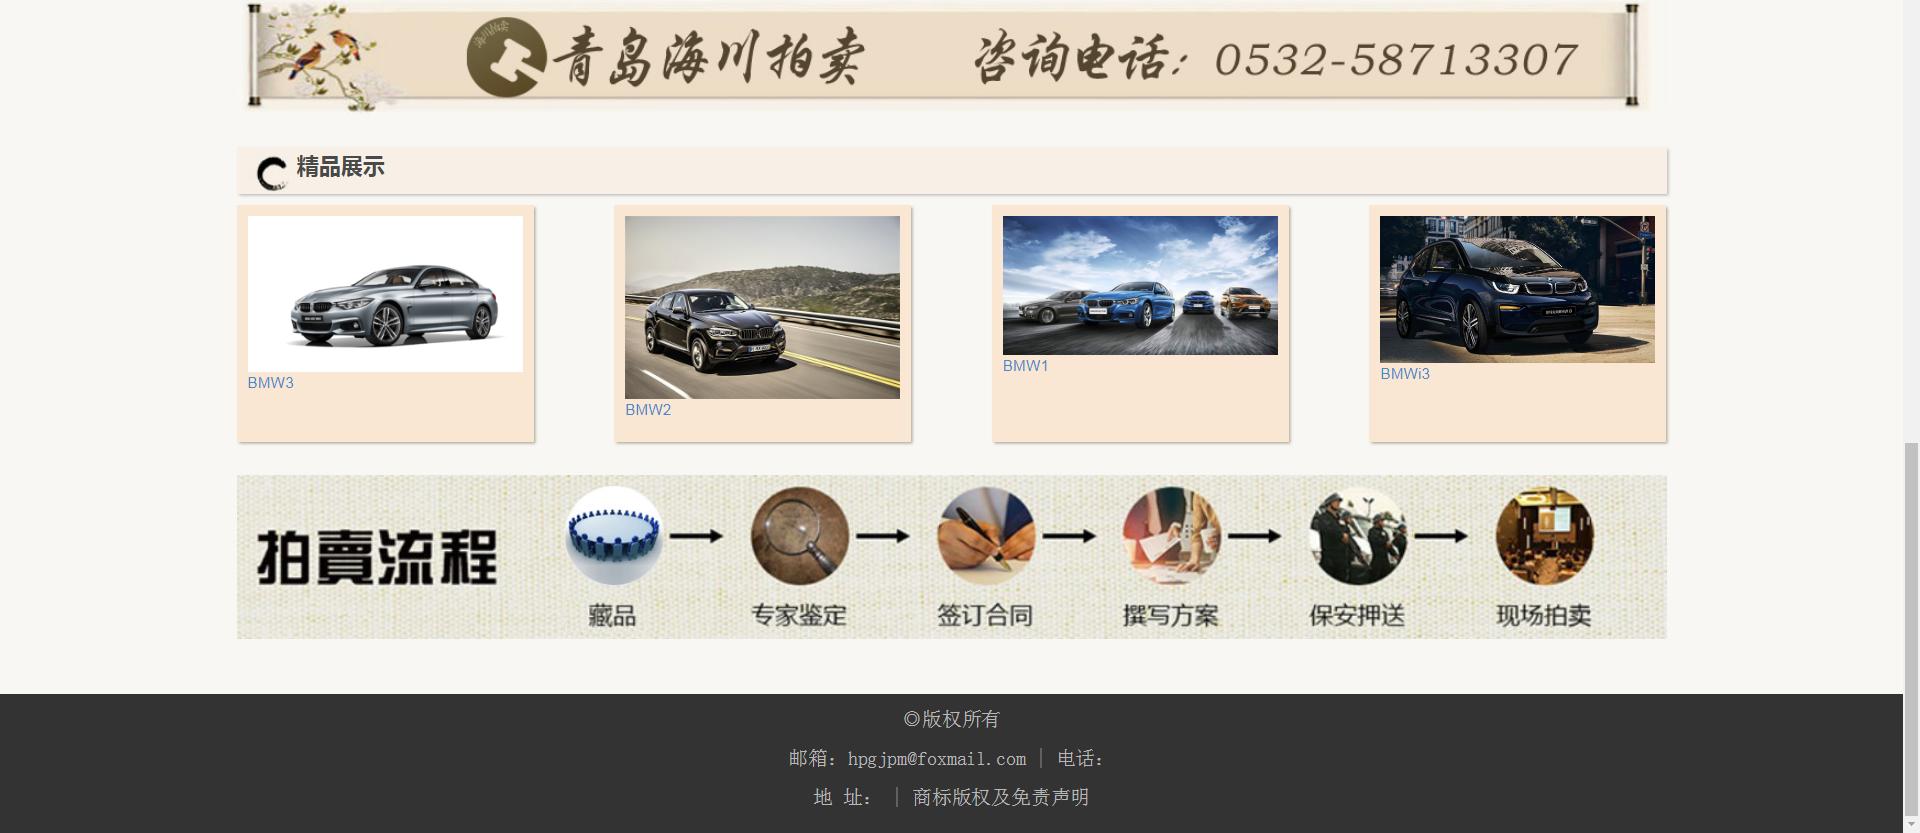 聚辉网络拍卖网站案例展示—青岛海川拍卖